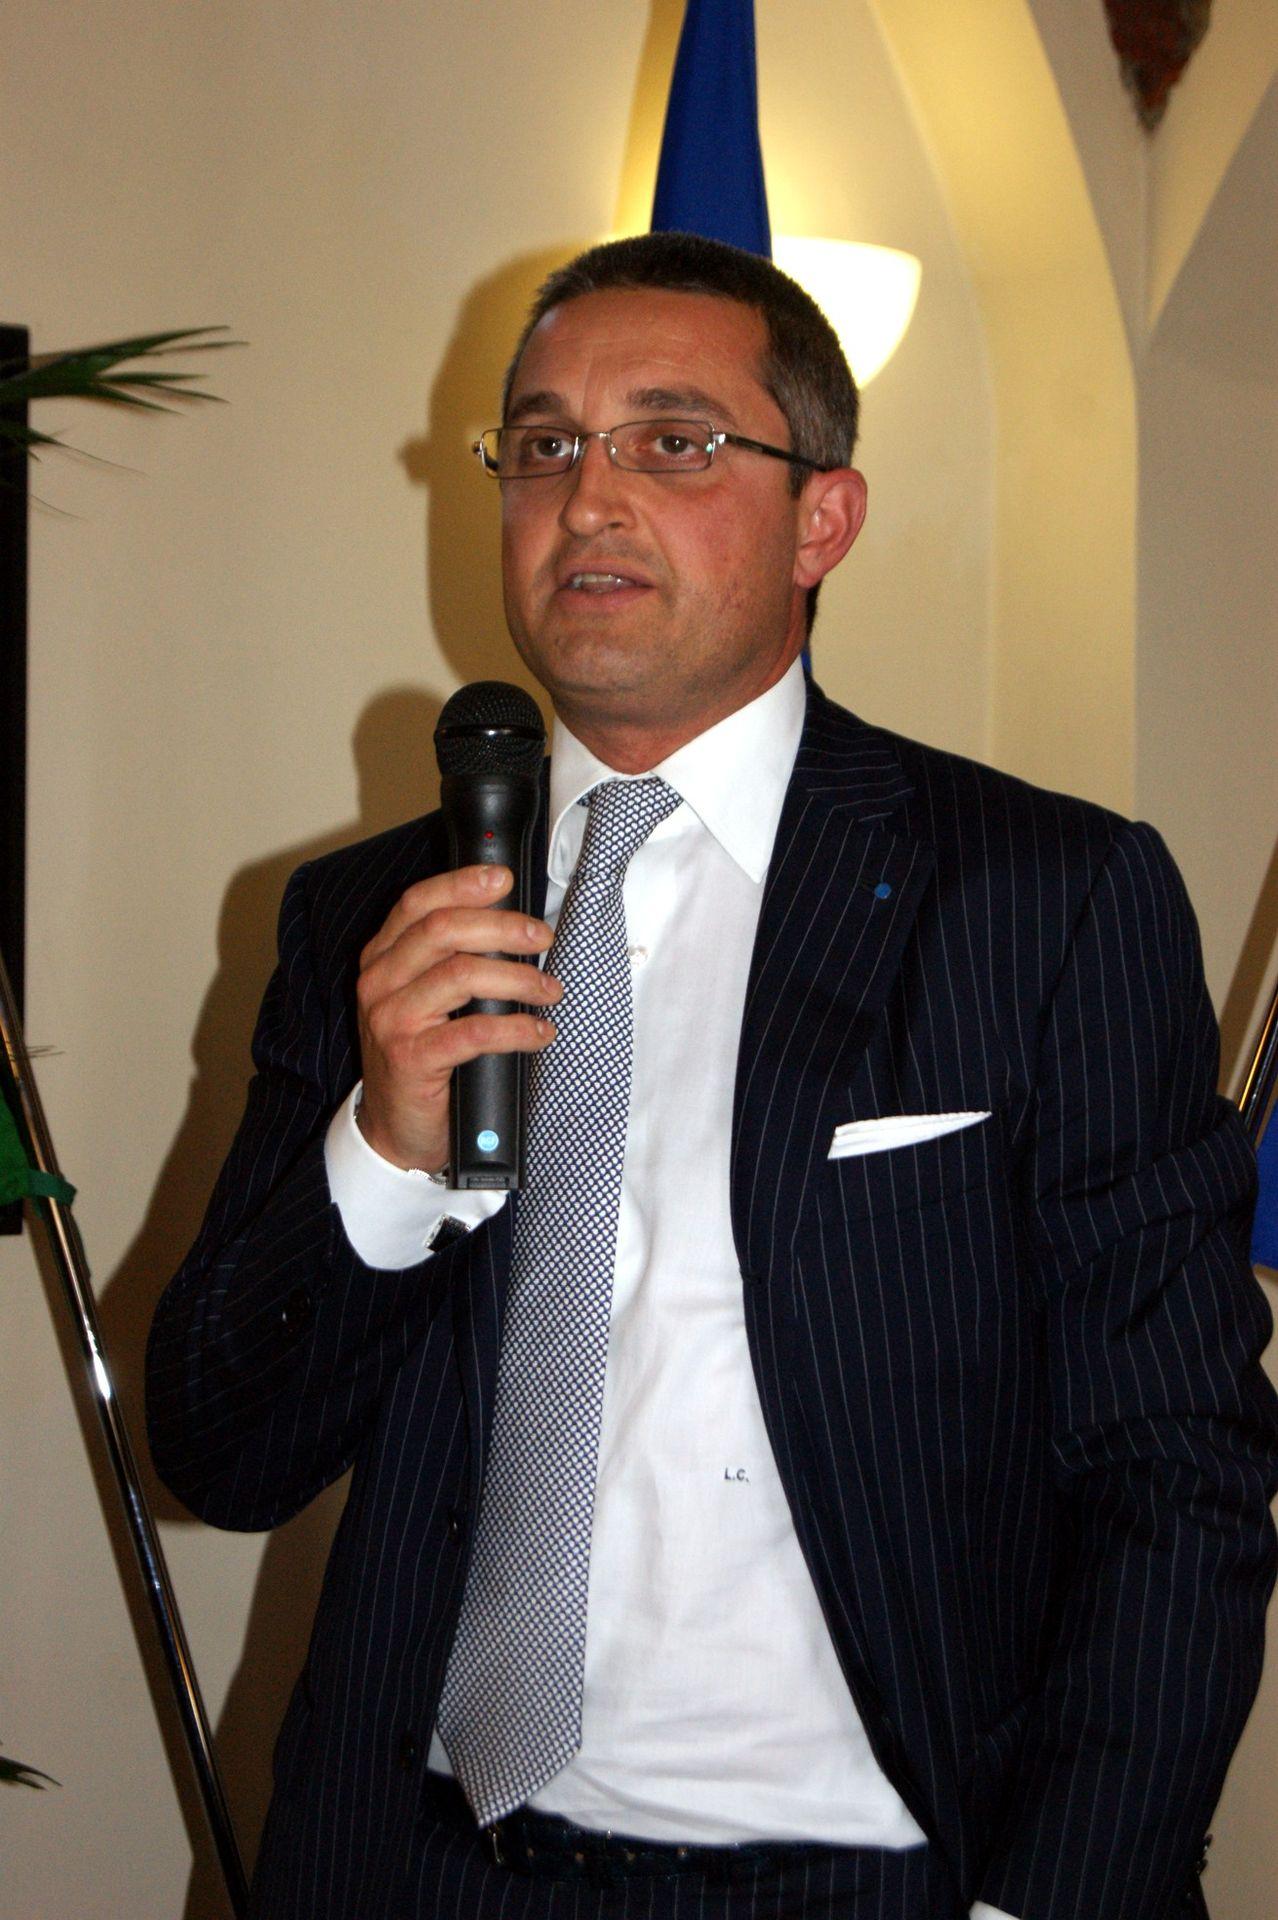 La Guida - Luca Crosetto nuovo presidente provinciale Confartigianato